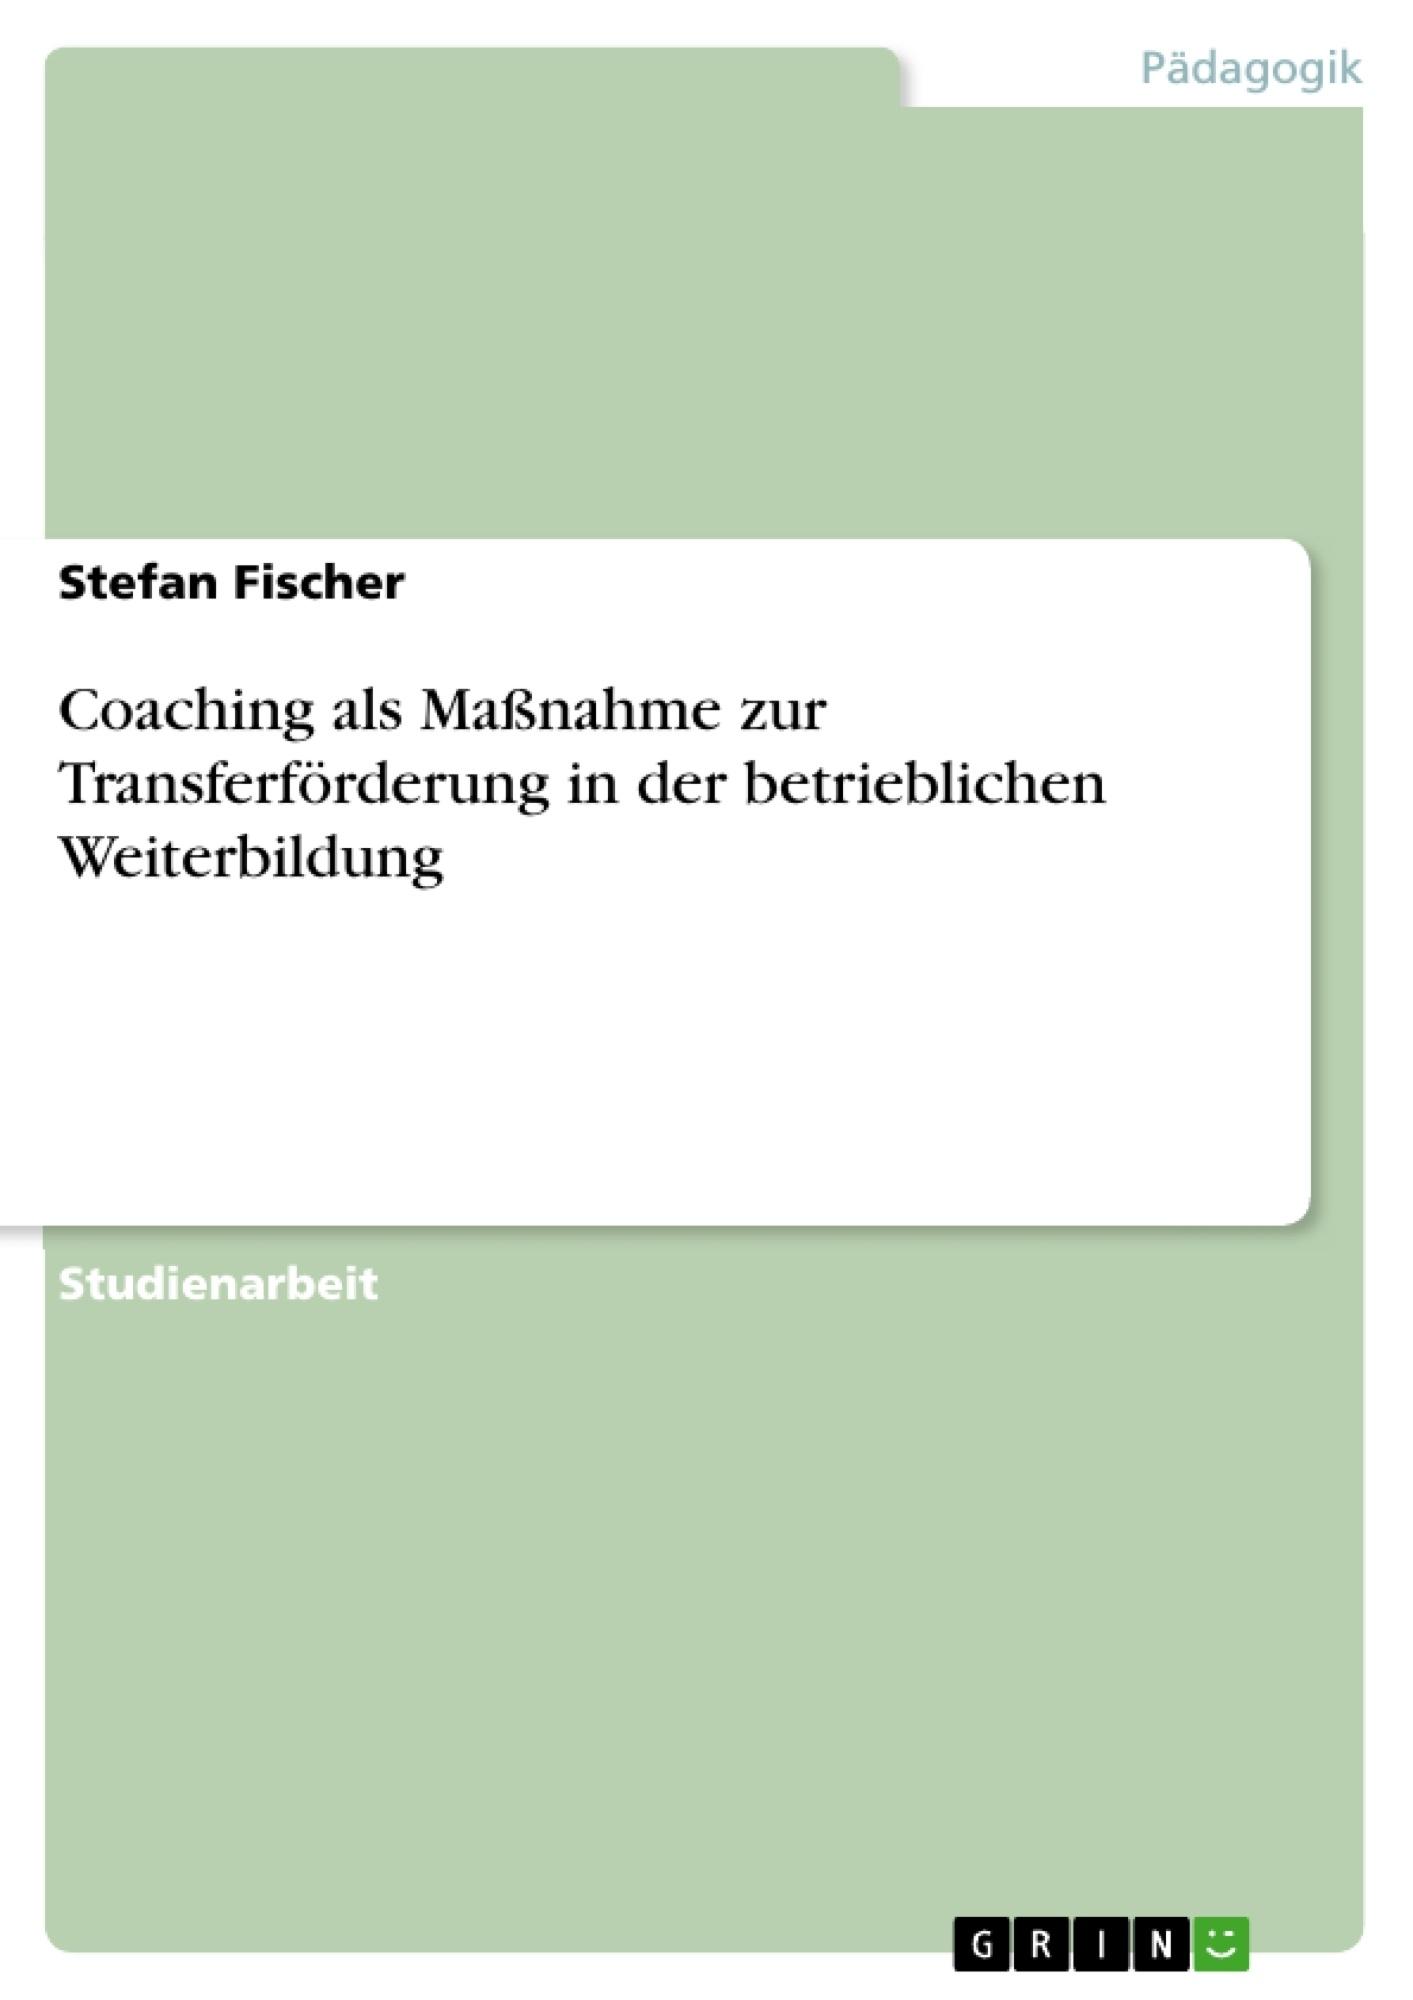 Titel: Coaching als Maßnahme zur Transferförderung in der betrieblichen Weiterbildung